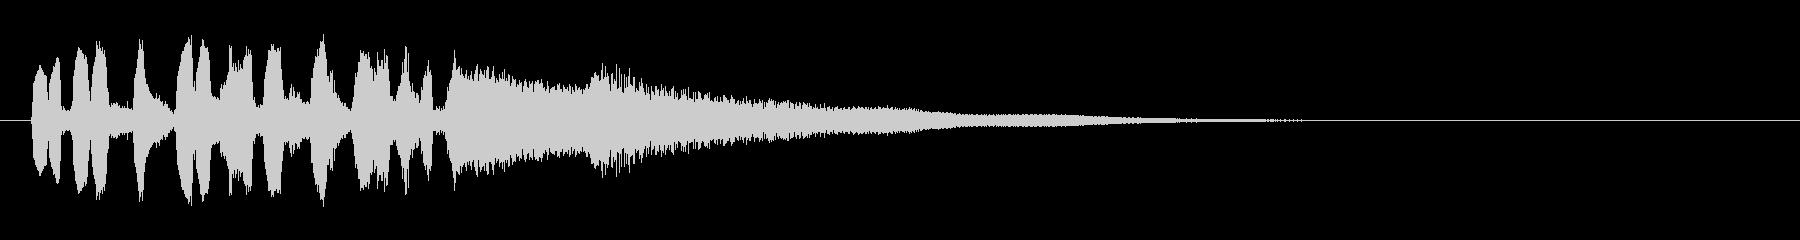 テーマ6A:ピアノ、トランペットの未再生の波形